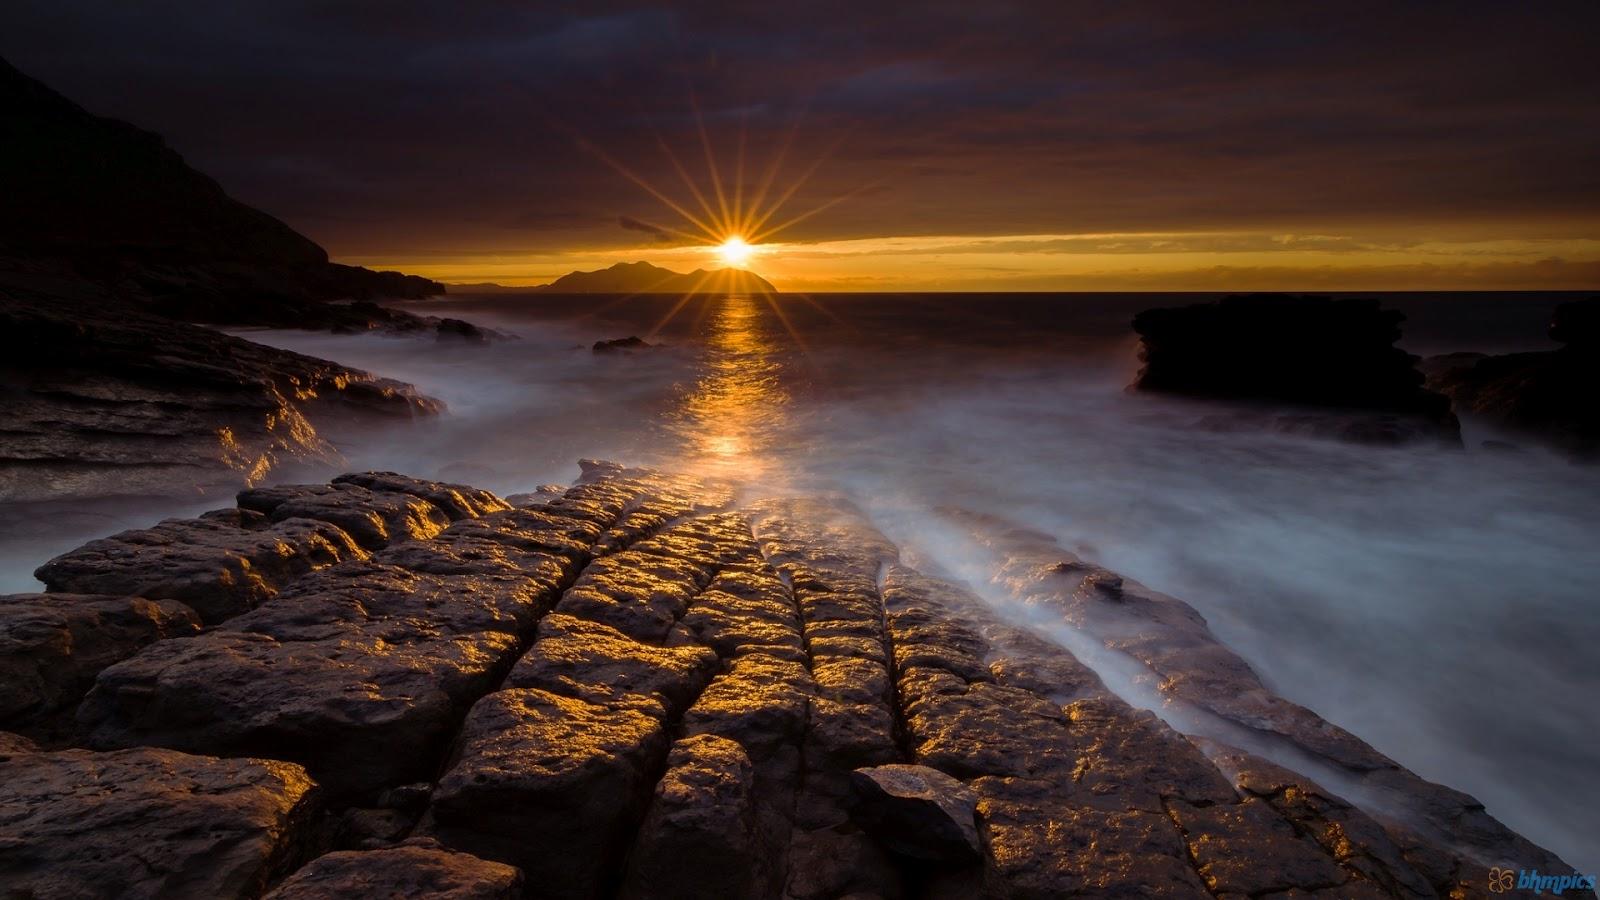 Description Download Night Sea Rocks Landscape Wallpaper Night Sea 1600x900